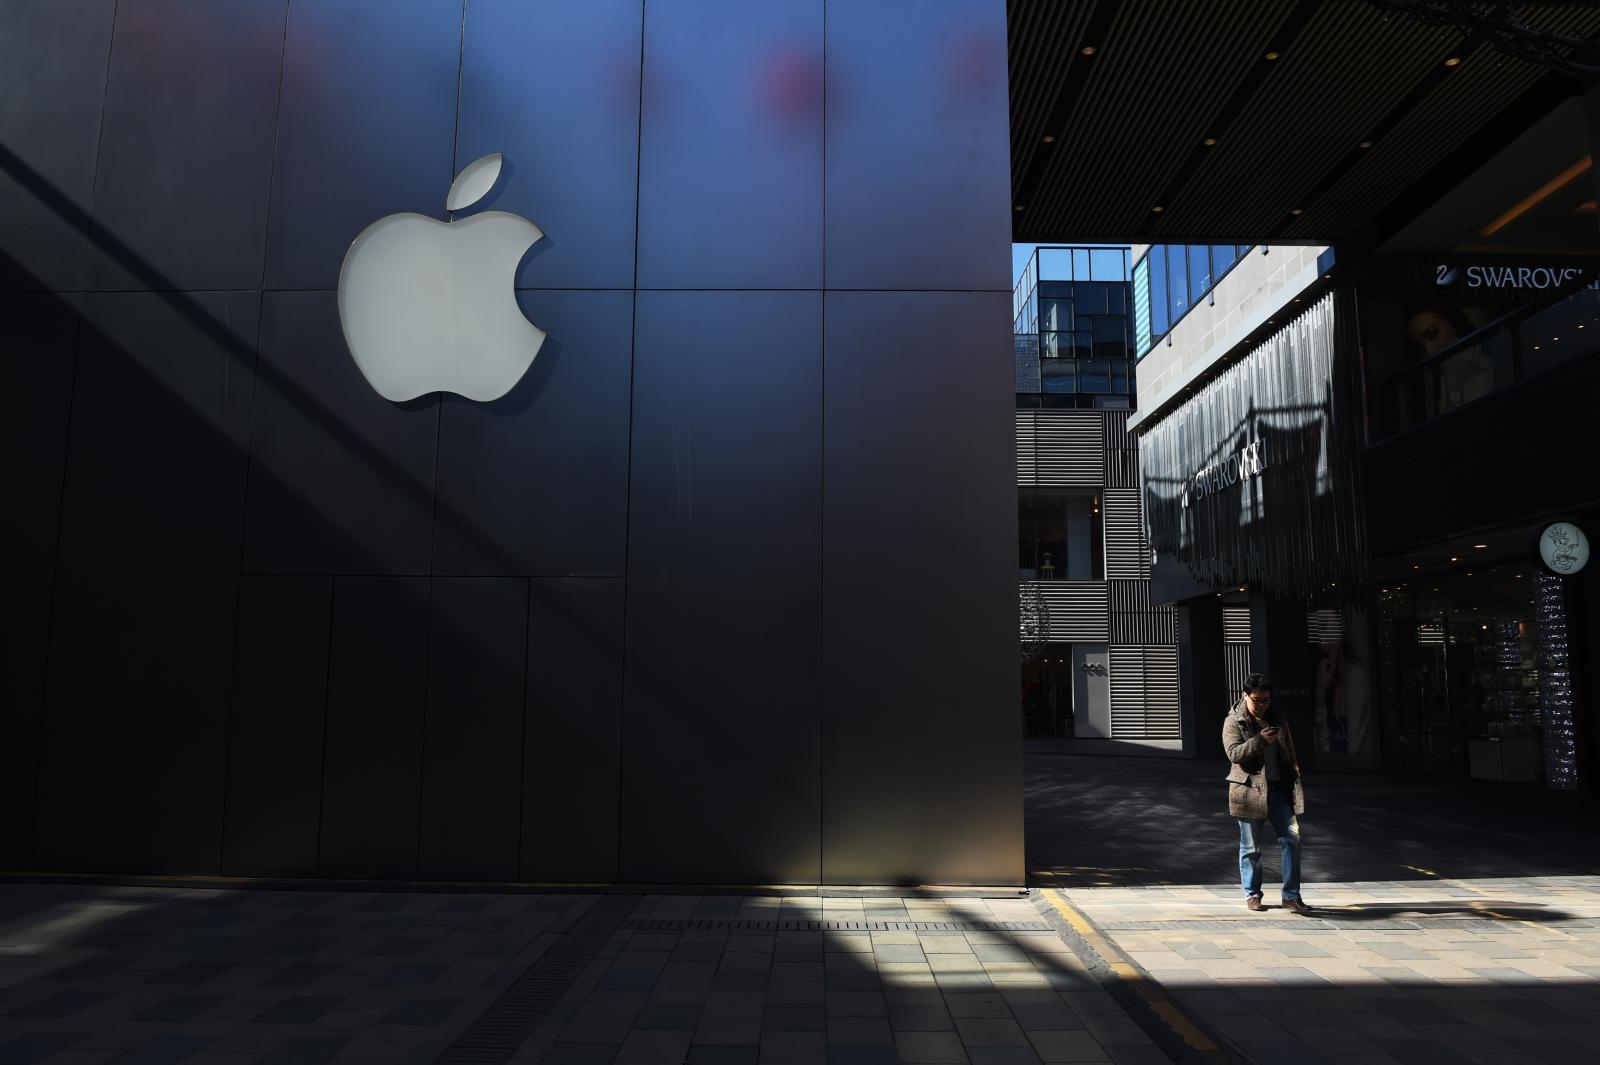 คาดยอดขายไอโฟนปีนี้ลดลง 16 ล้านเครื่อง